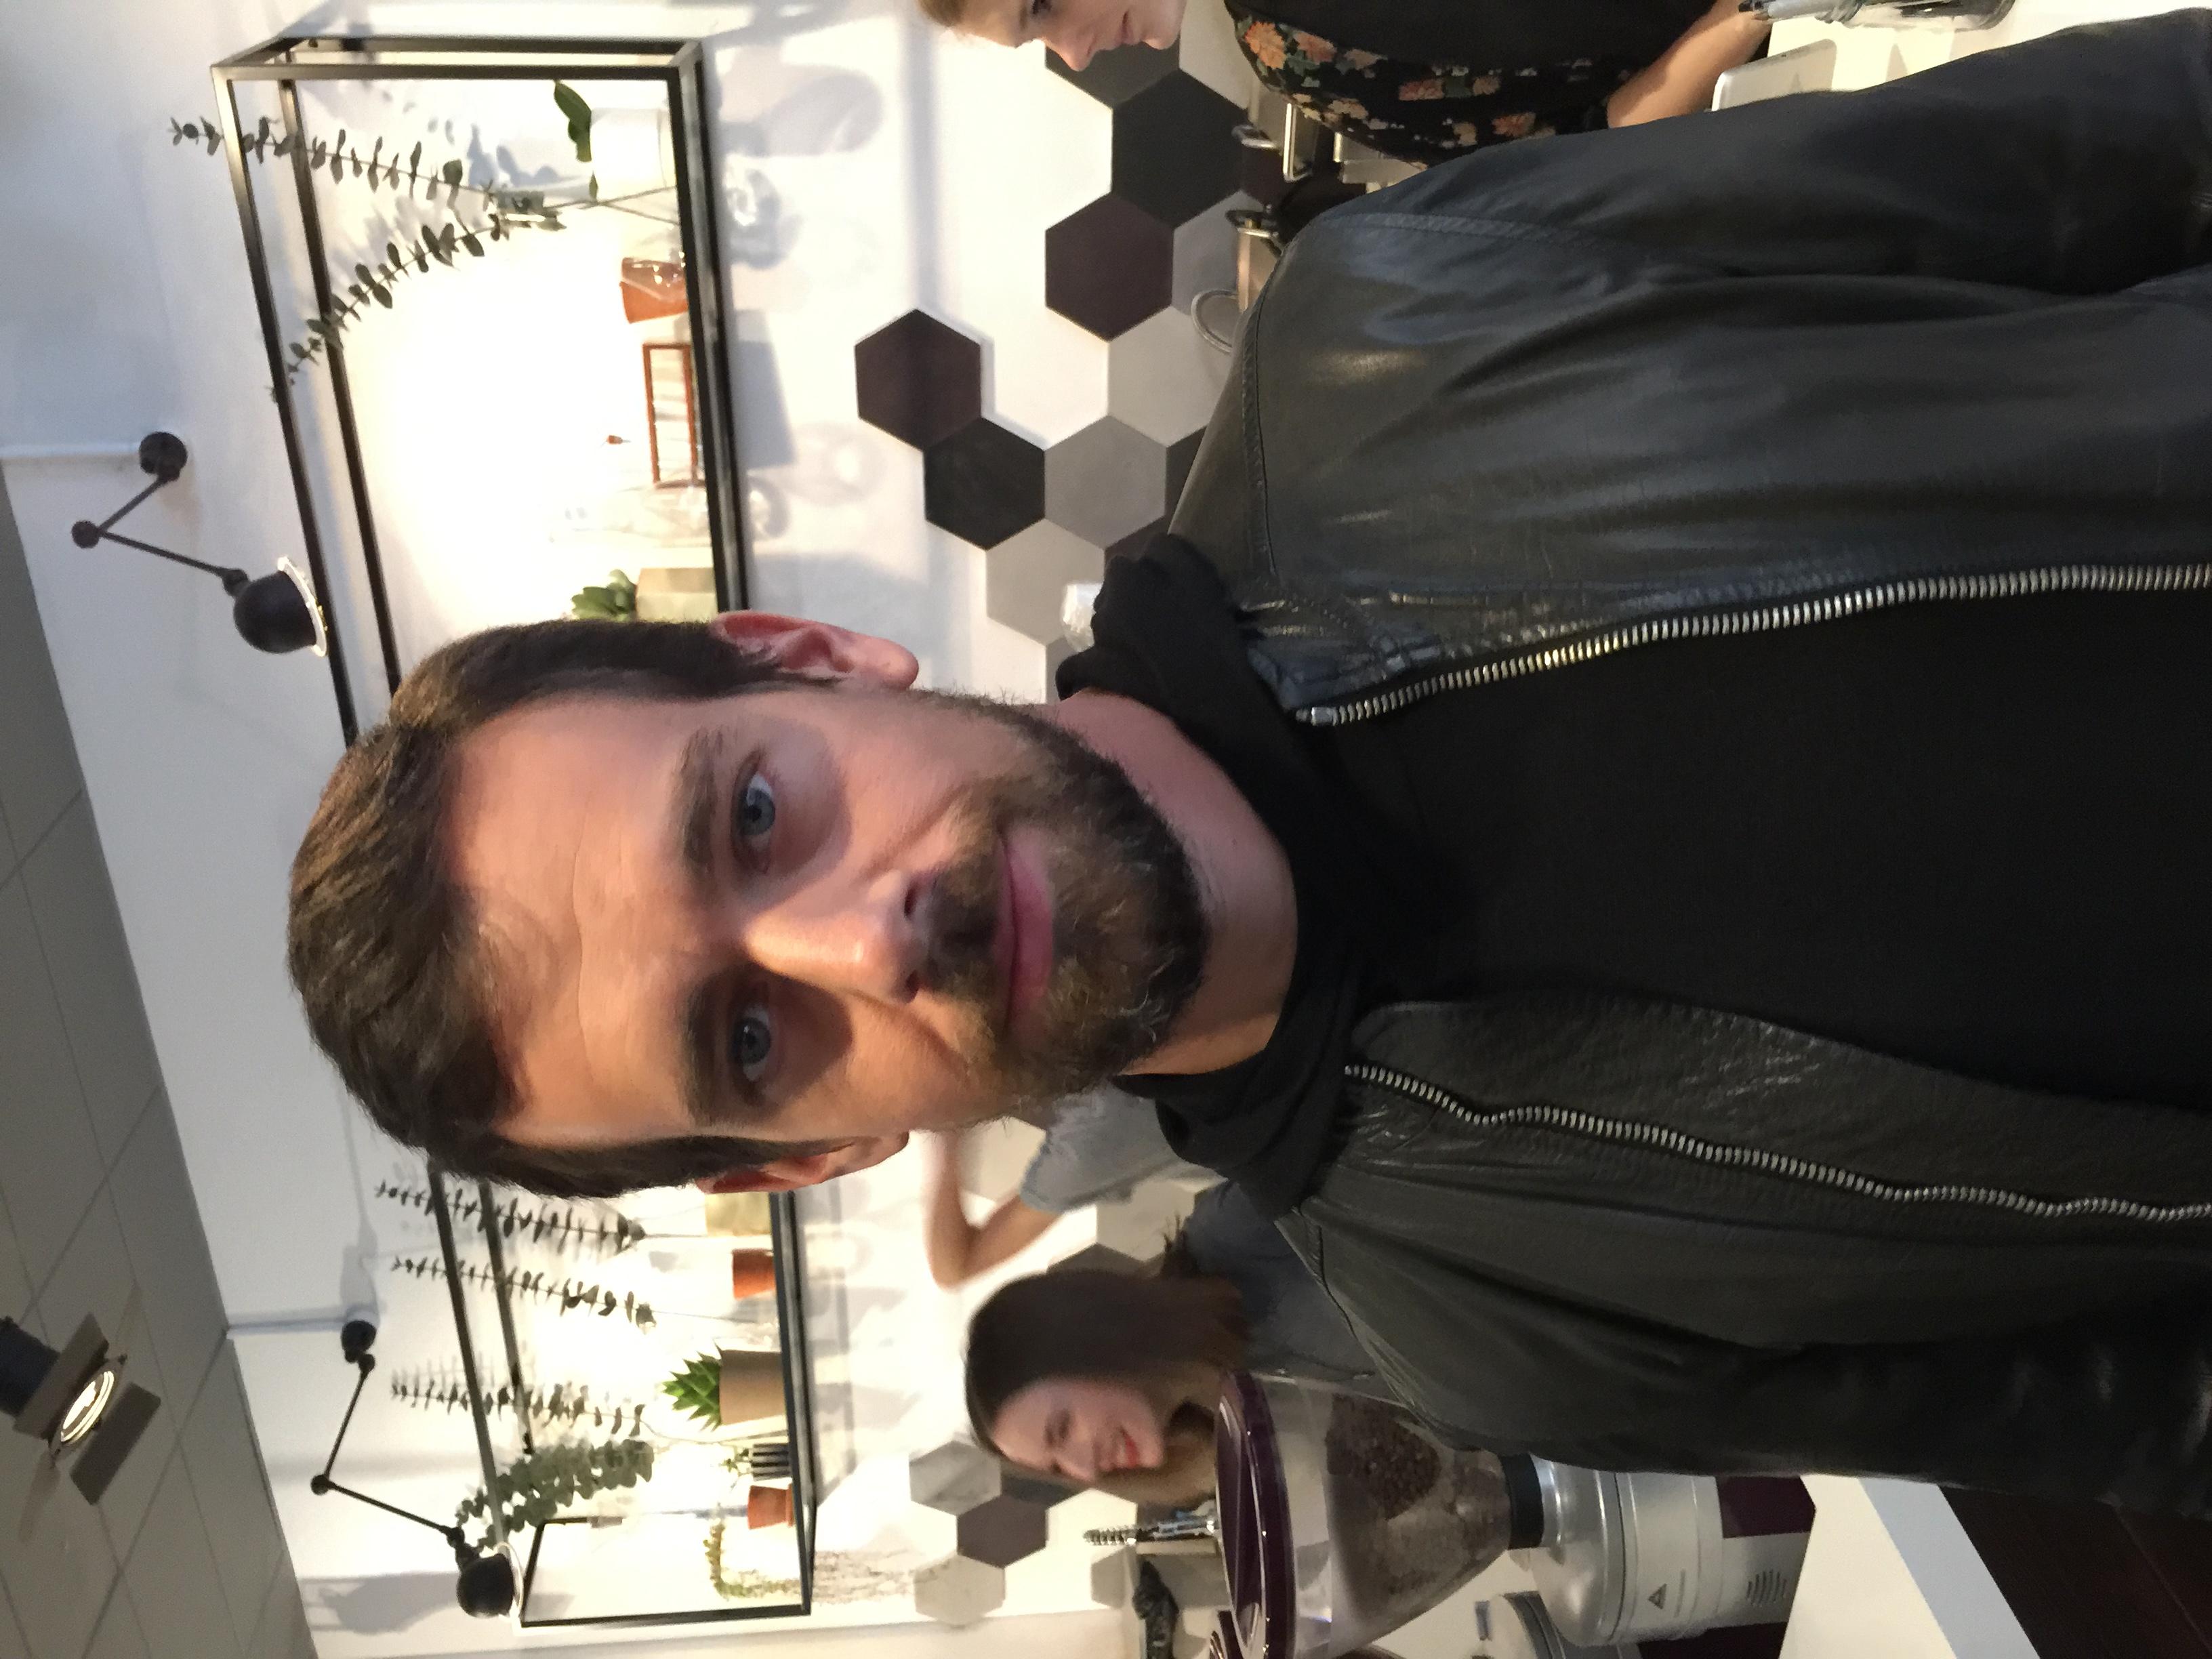 Den 41-år gammal, 73 cm lång Jack Dorsey in 2018 photo